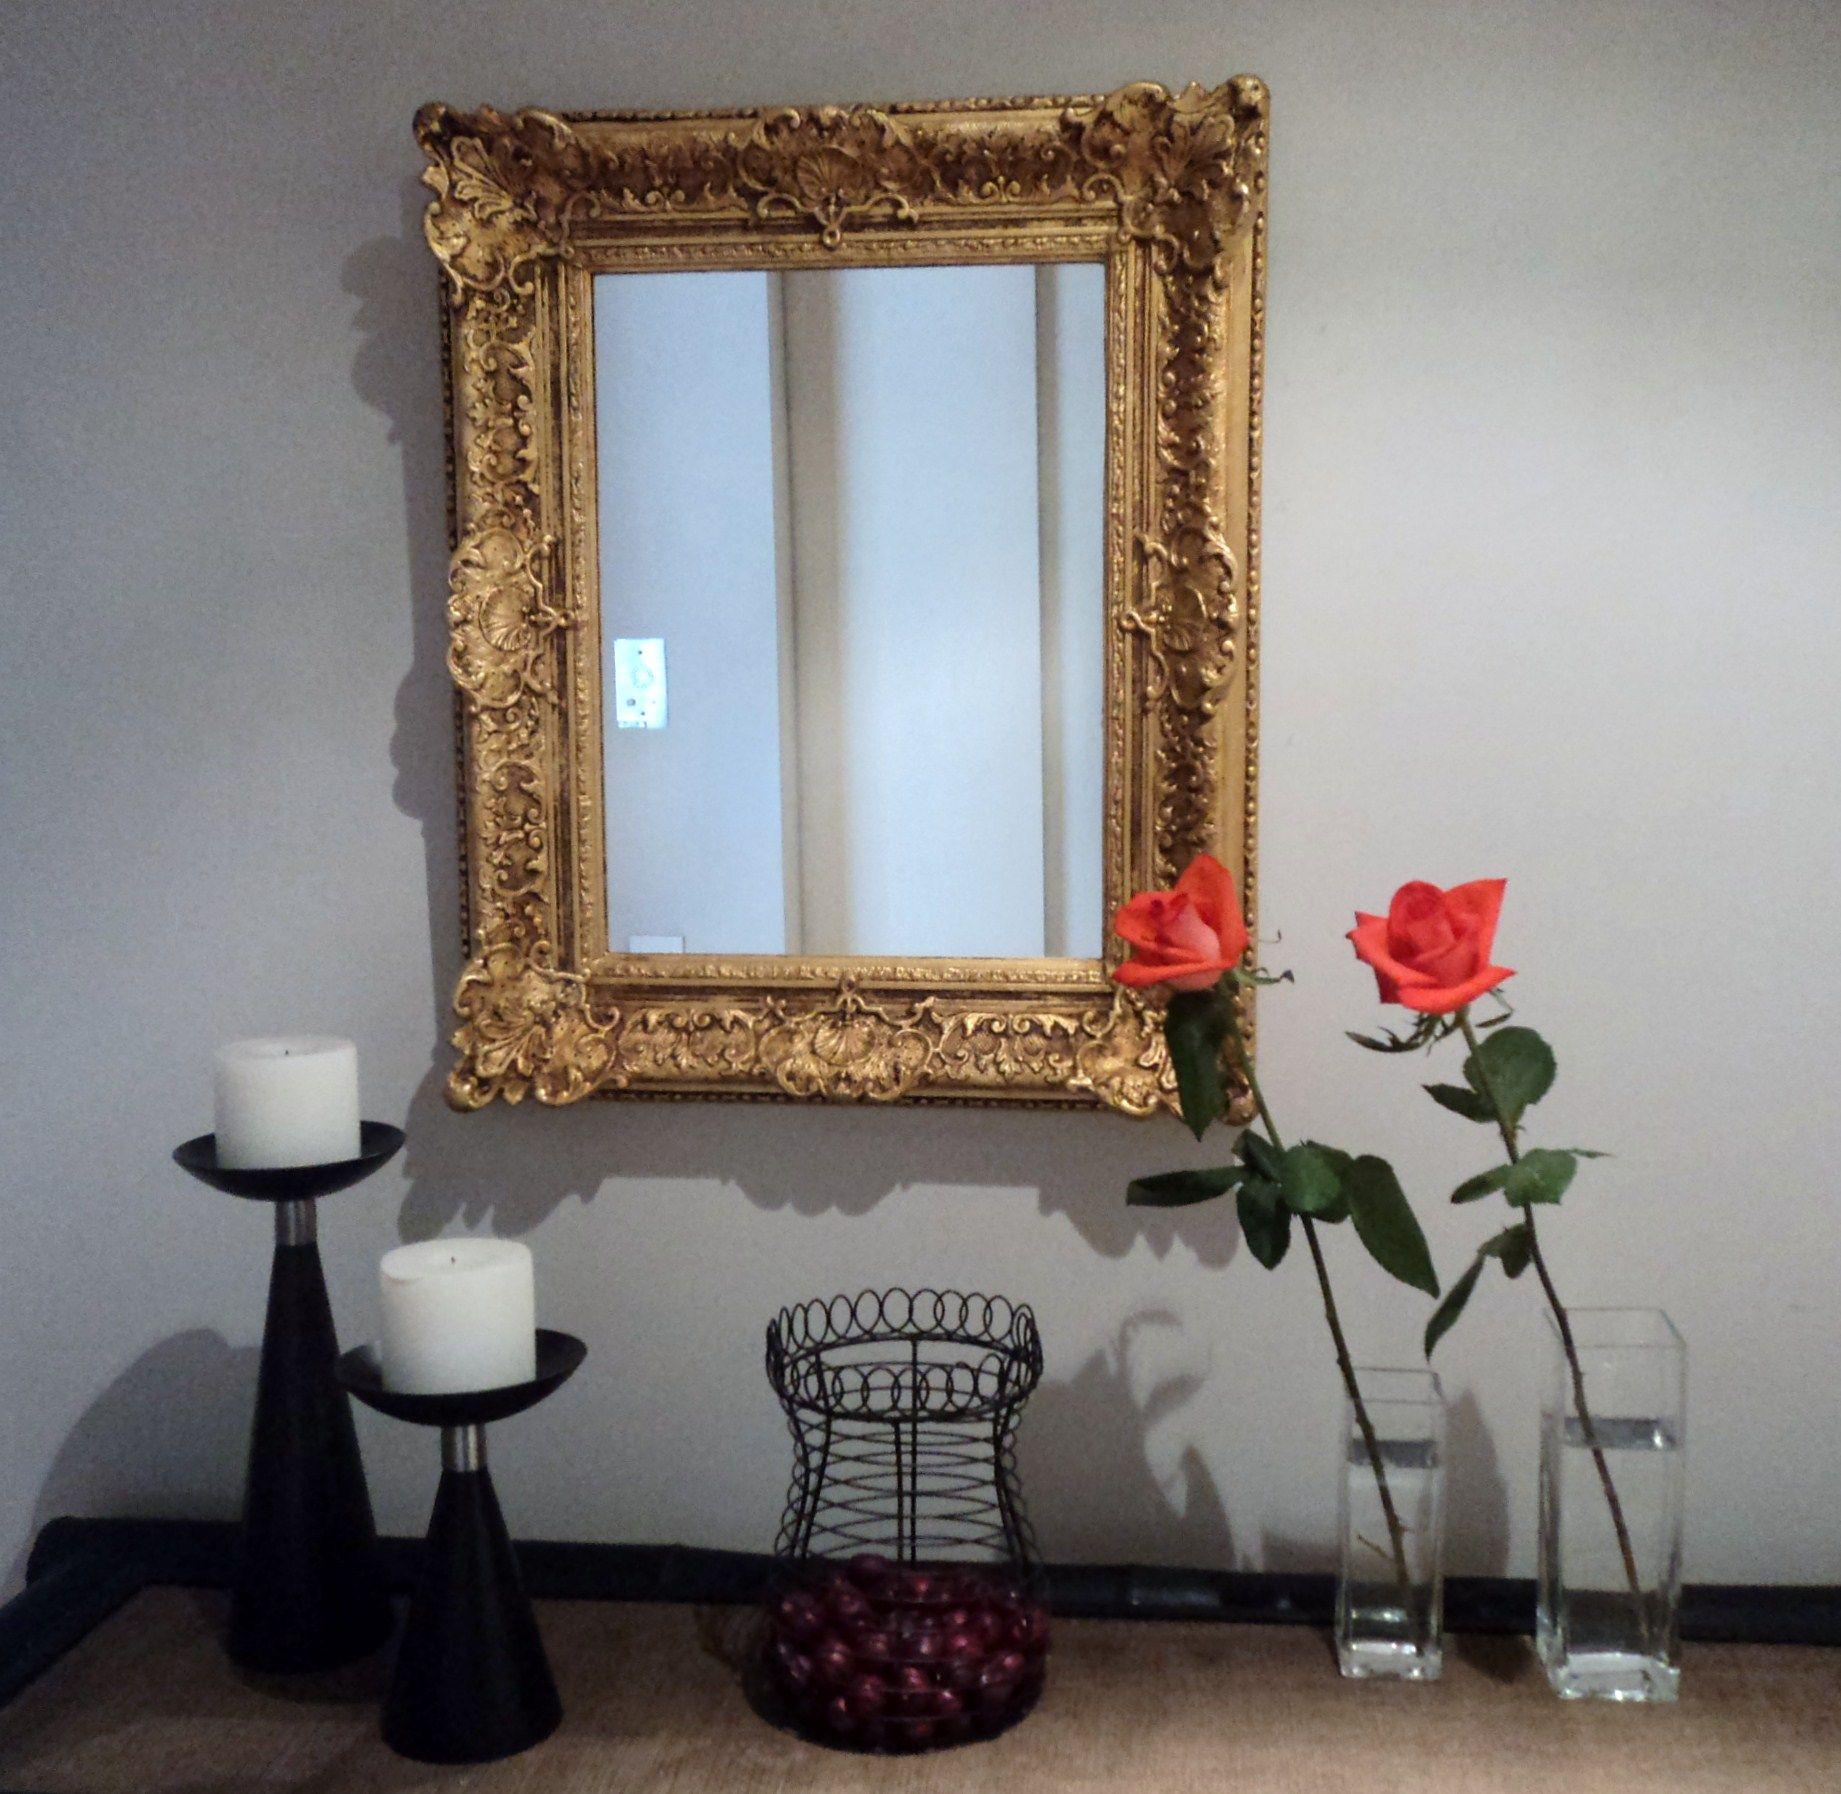 Espejo en marco francés estilo rococó dorado a la hoja. | Cuadros ...